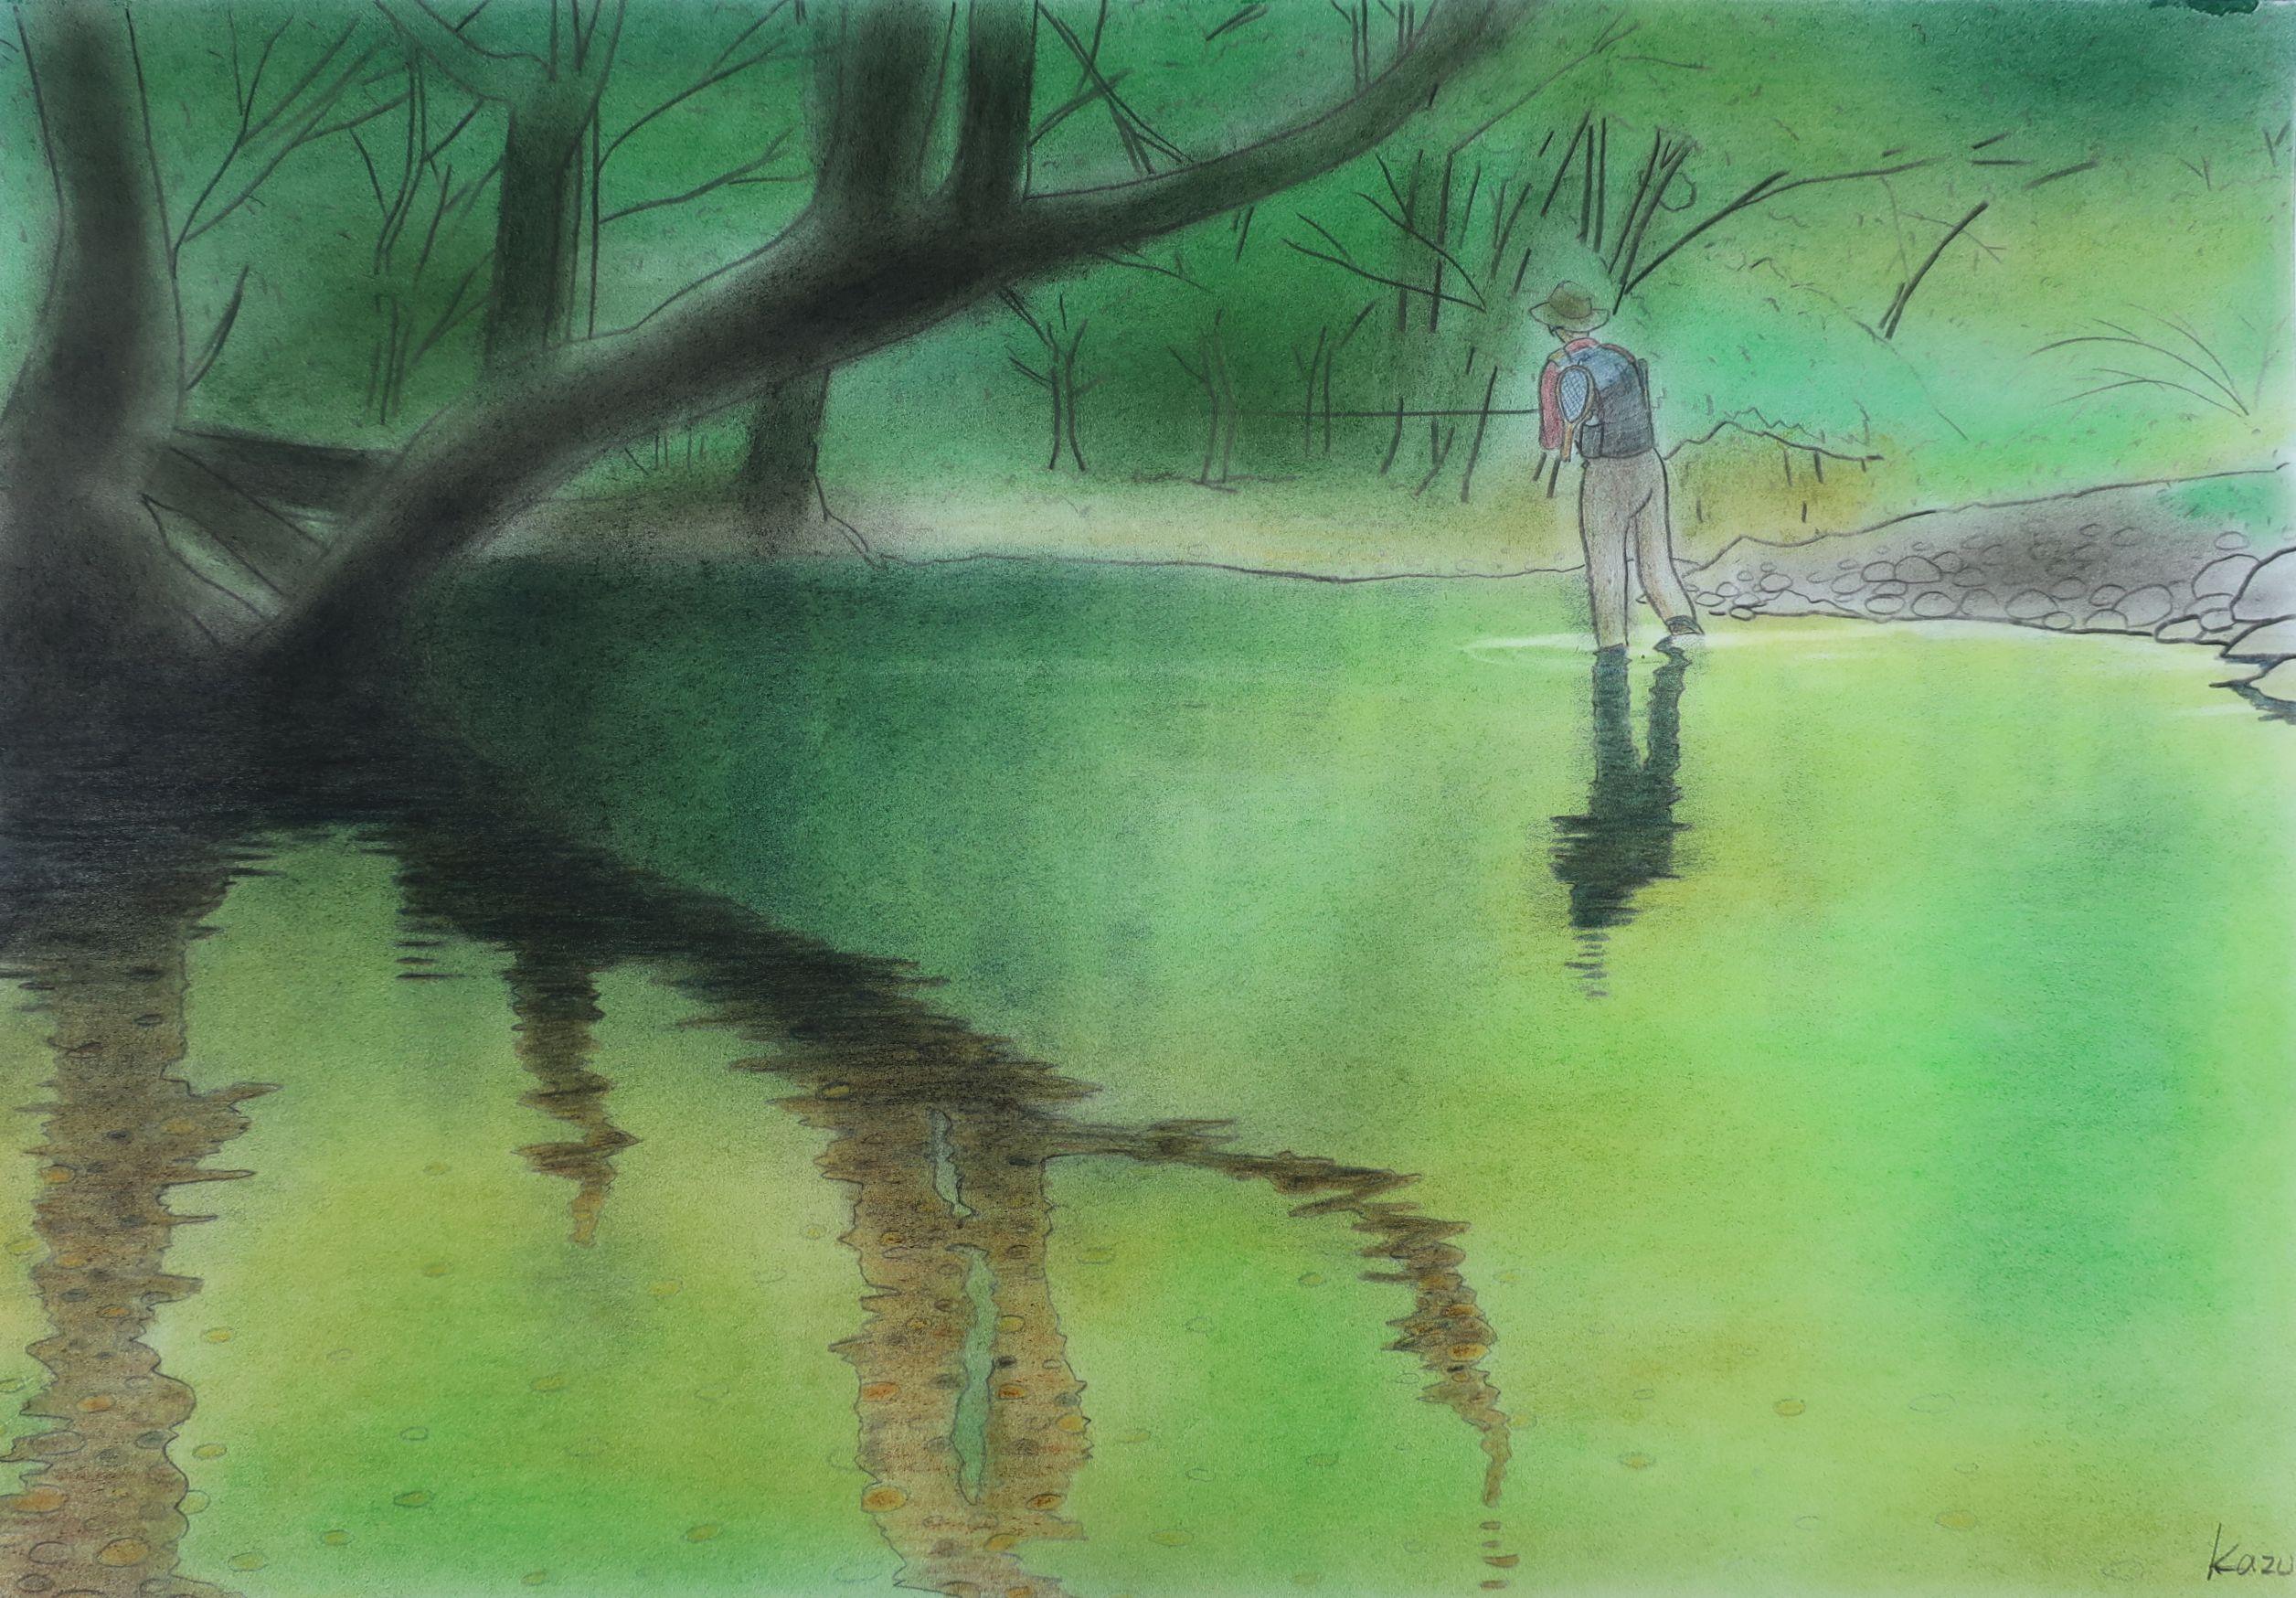 美しき山女魚の棲む渓へ  パステル画 50×35㎝